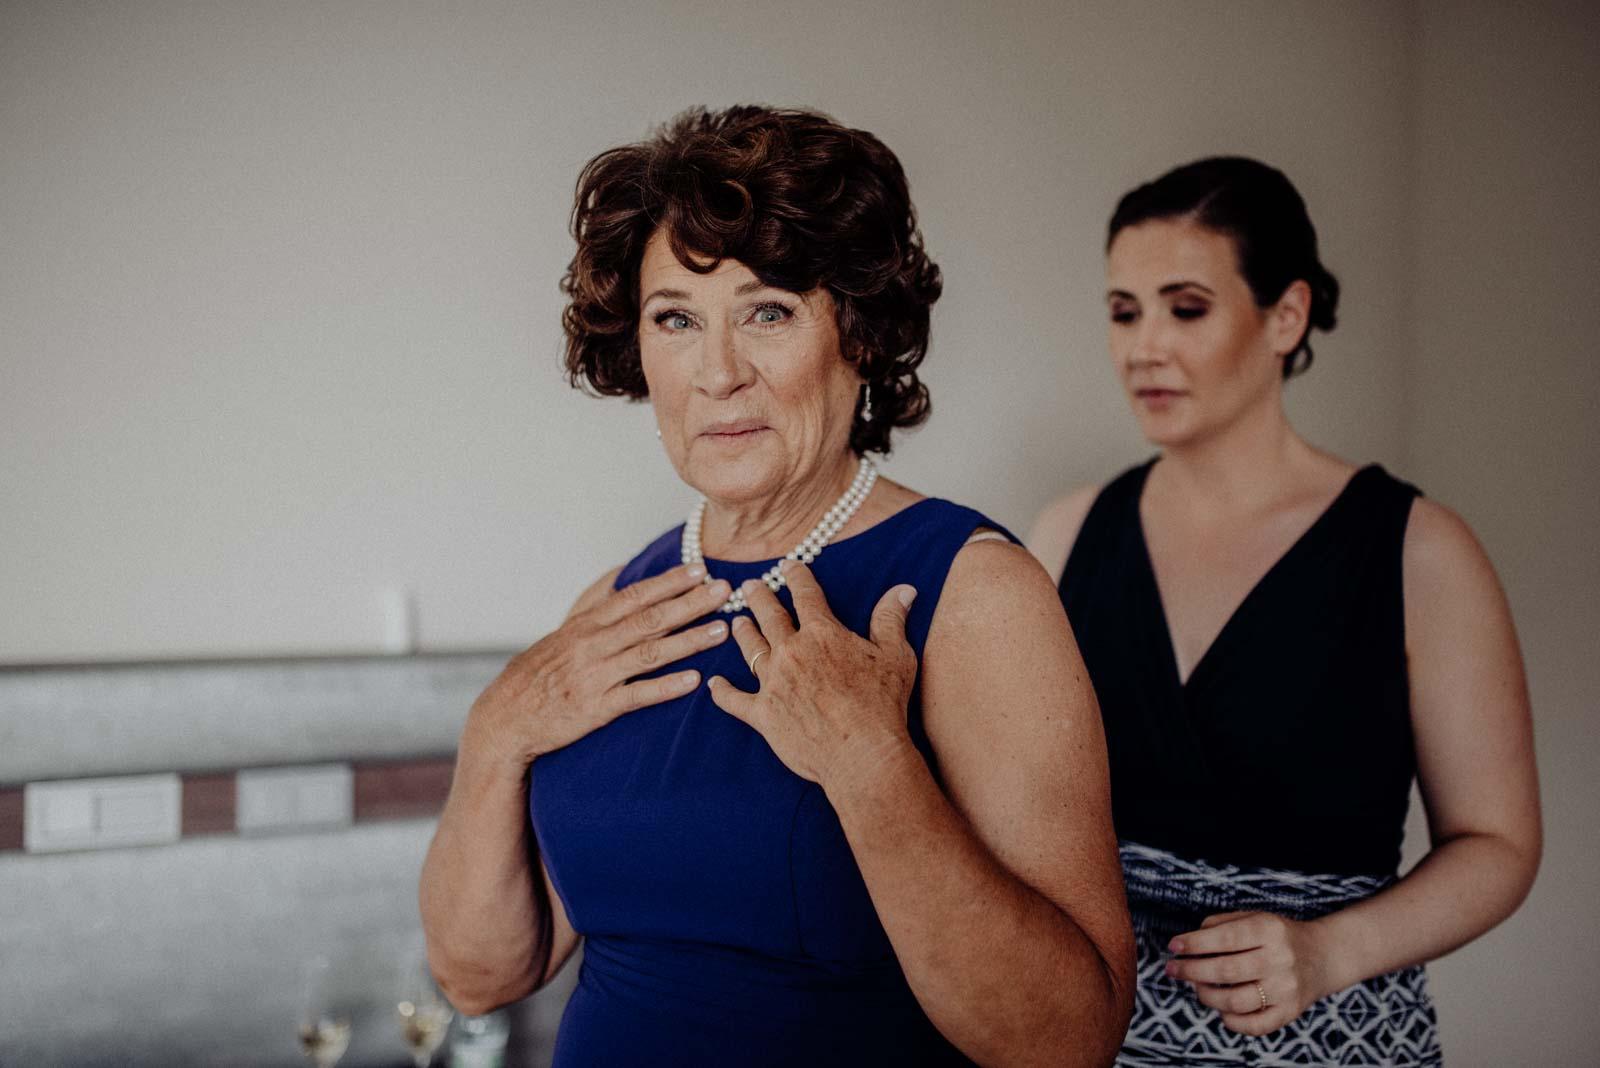 Braut hilft Brautmutter beim Anziehen von kleid und Schmuck